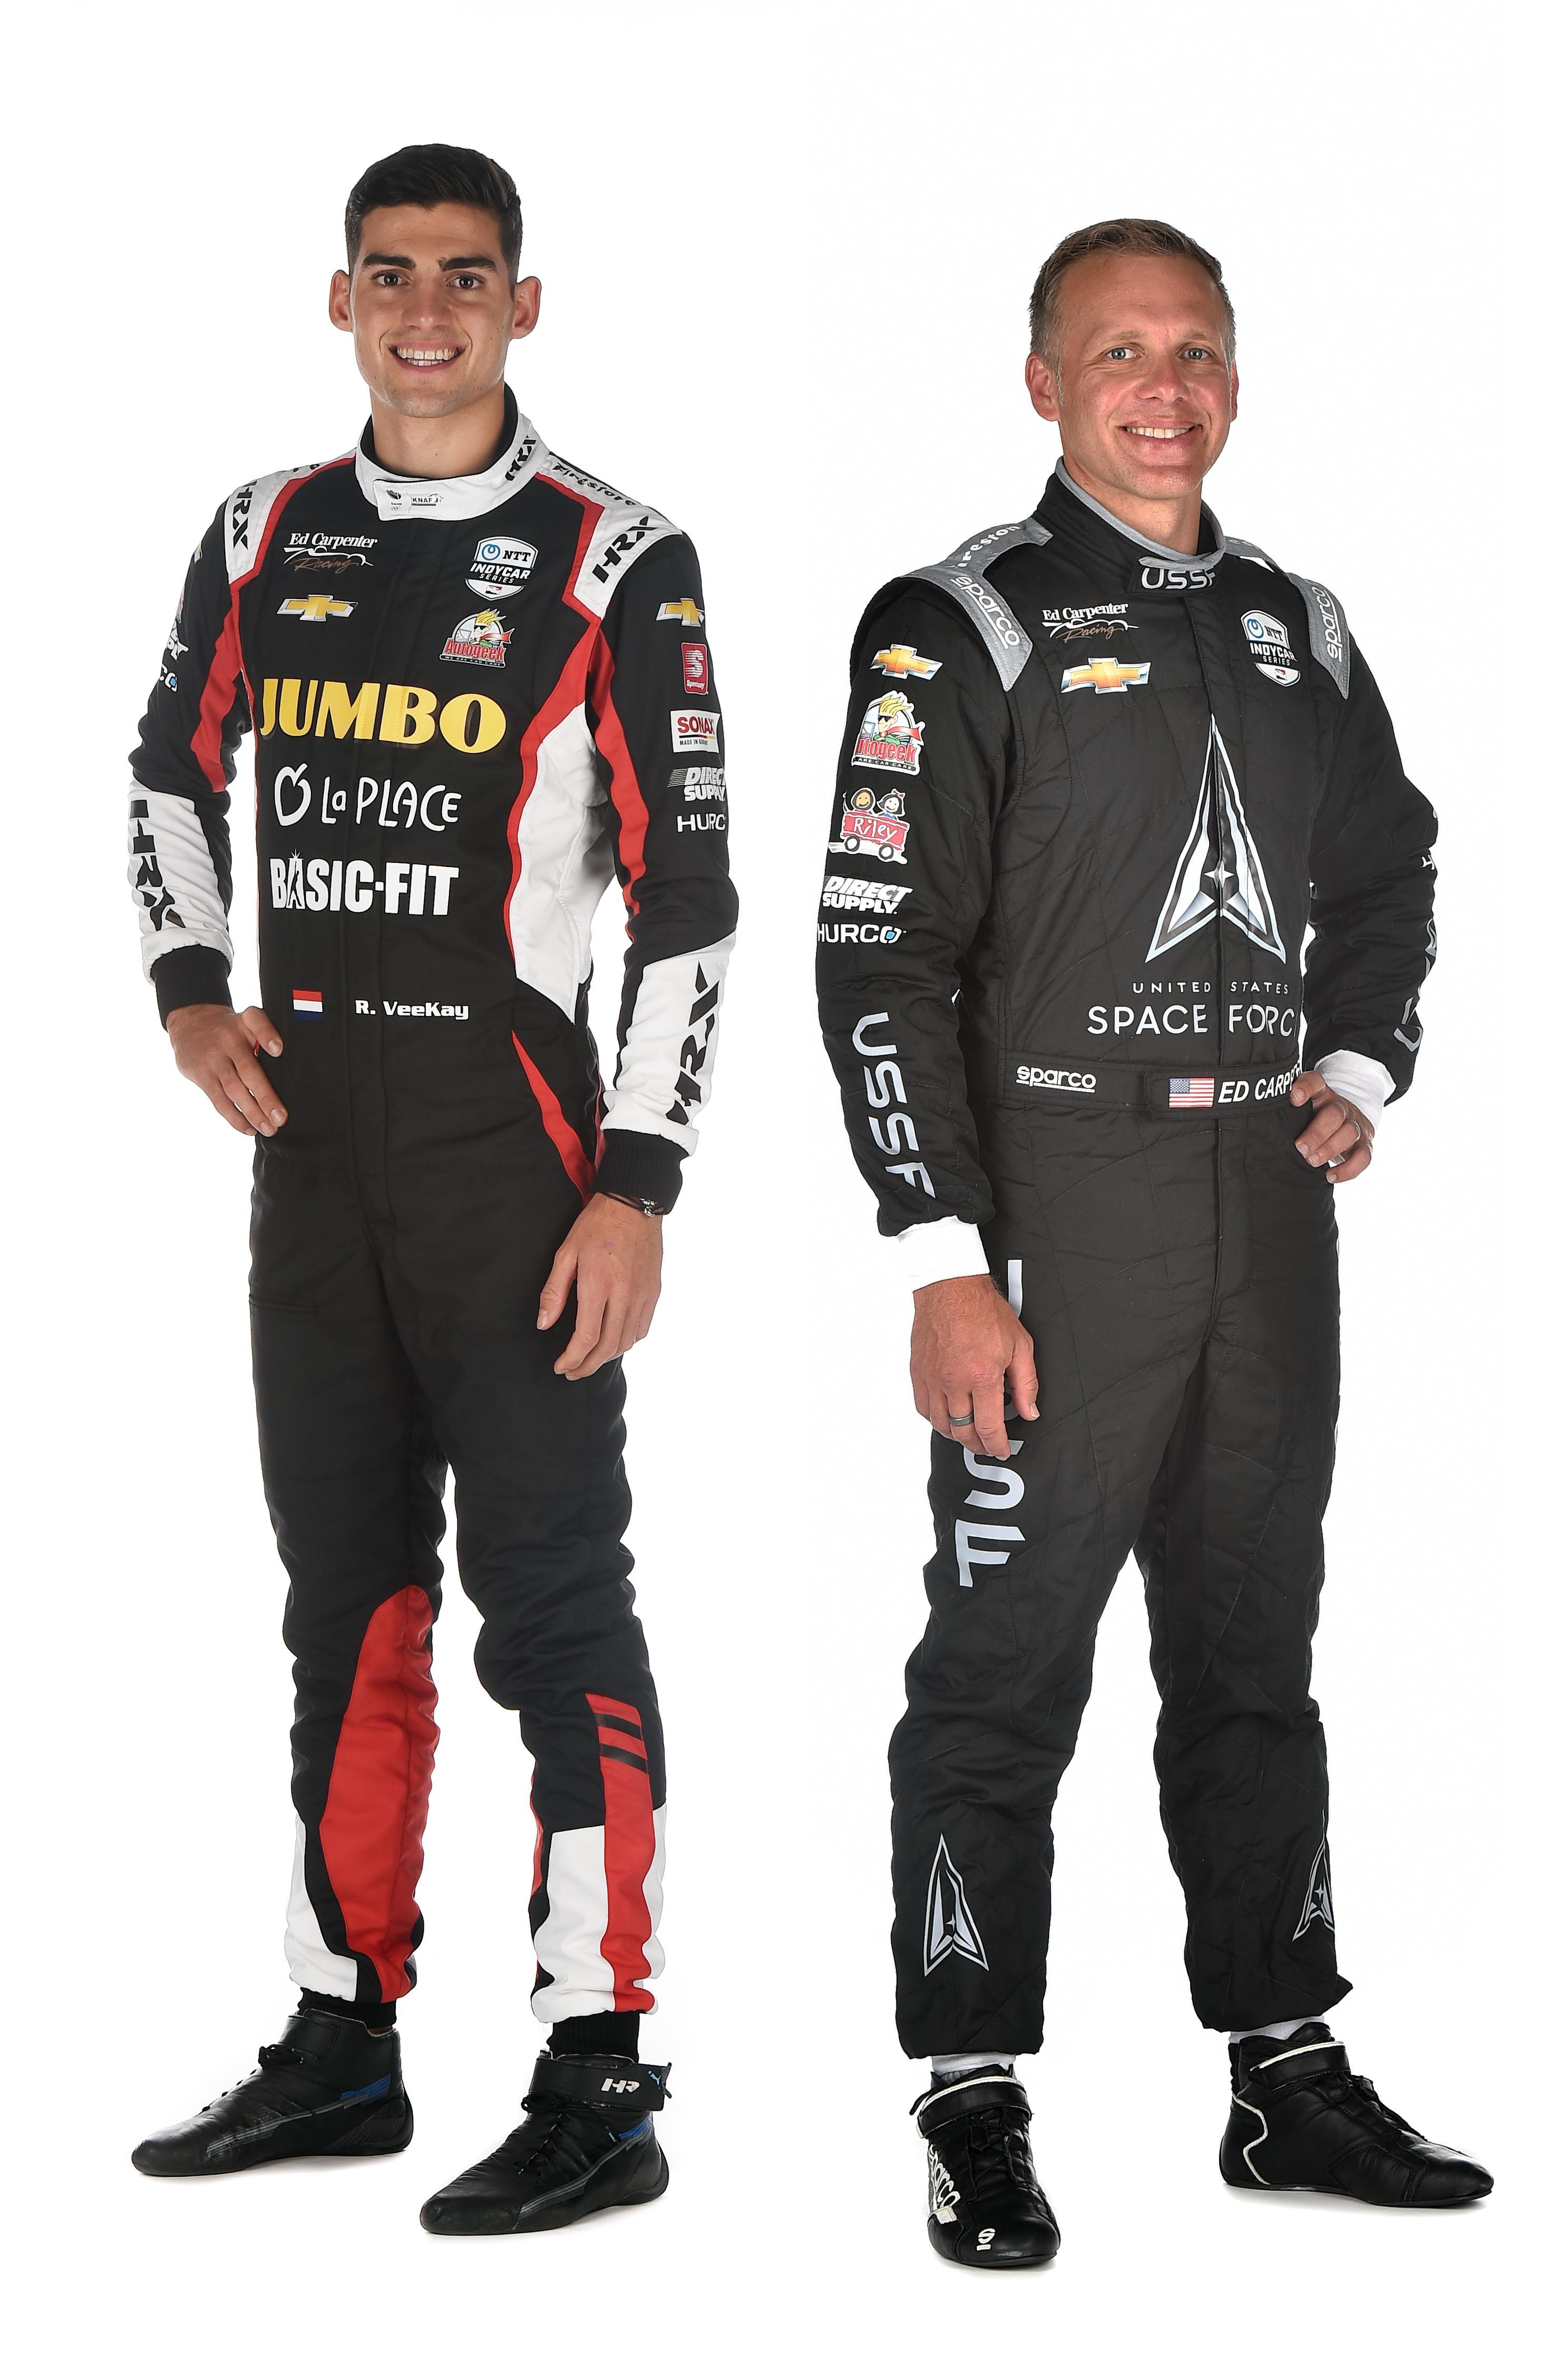 Goede optredens Rinus van Kalmthout in IndyCar beloond met nieuw contract: Hoofddorper ook volgend jaar bij Ed Carptenter